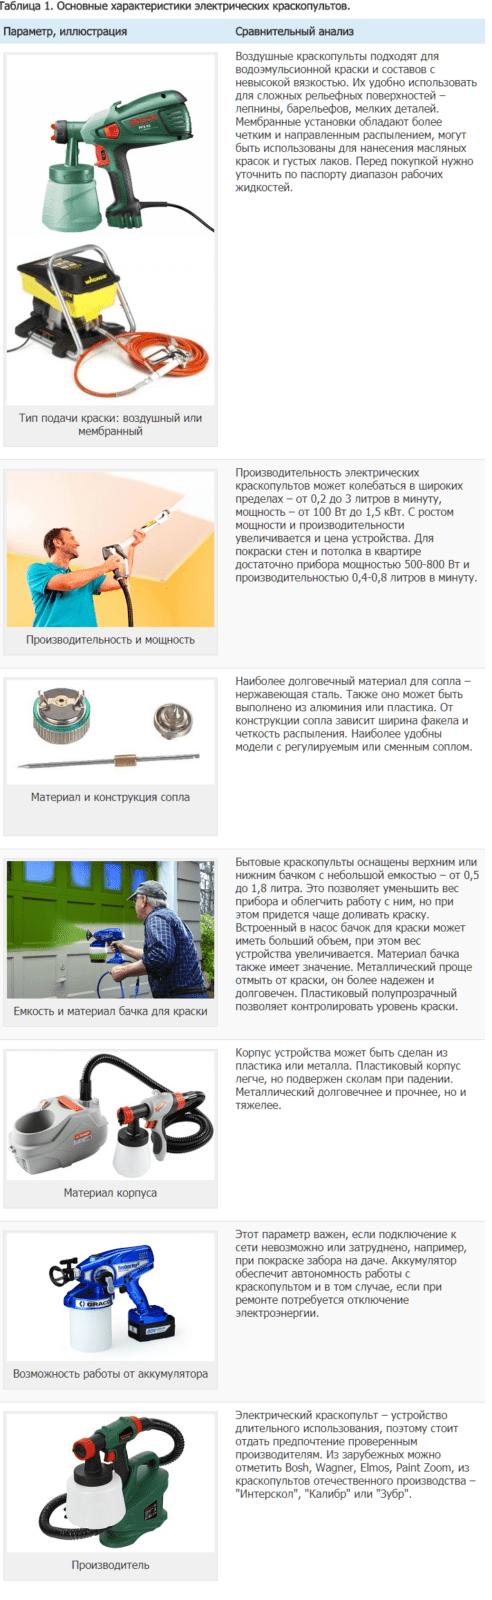 Таблица 1. Основные характеристики электрических краскопультов